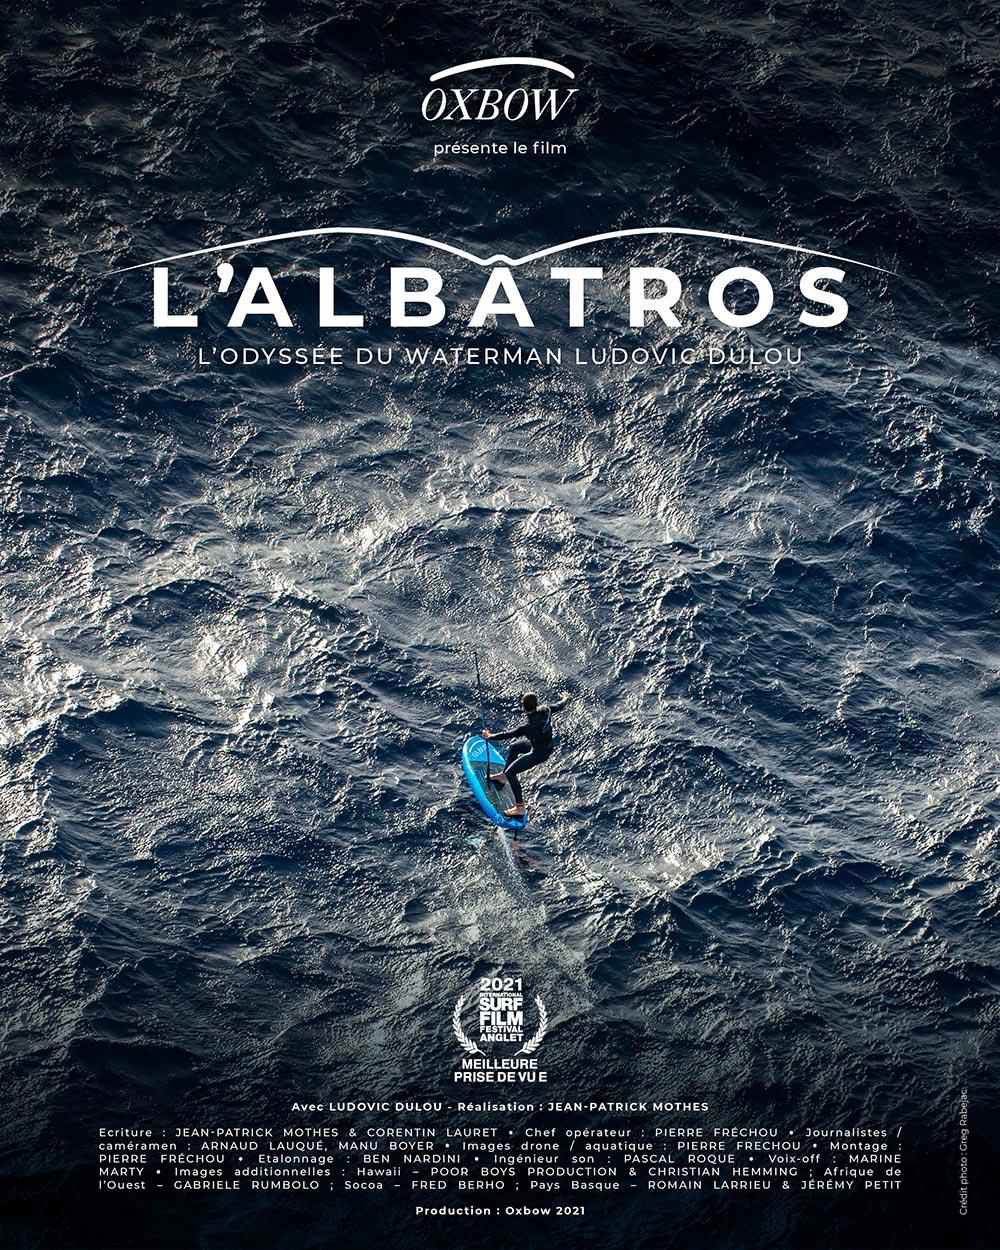 film-albatros-oxbow-ludo-dulou